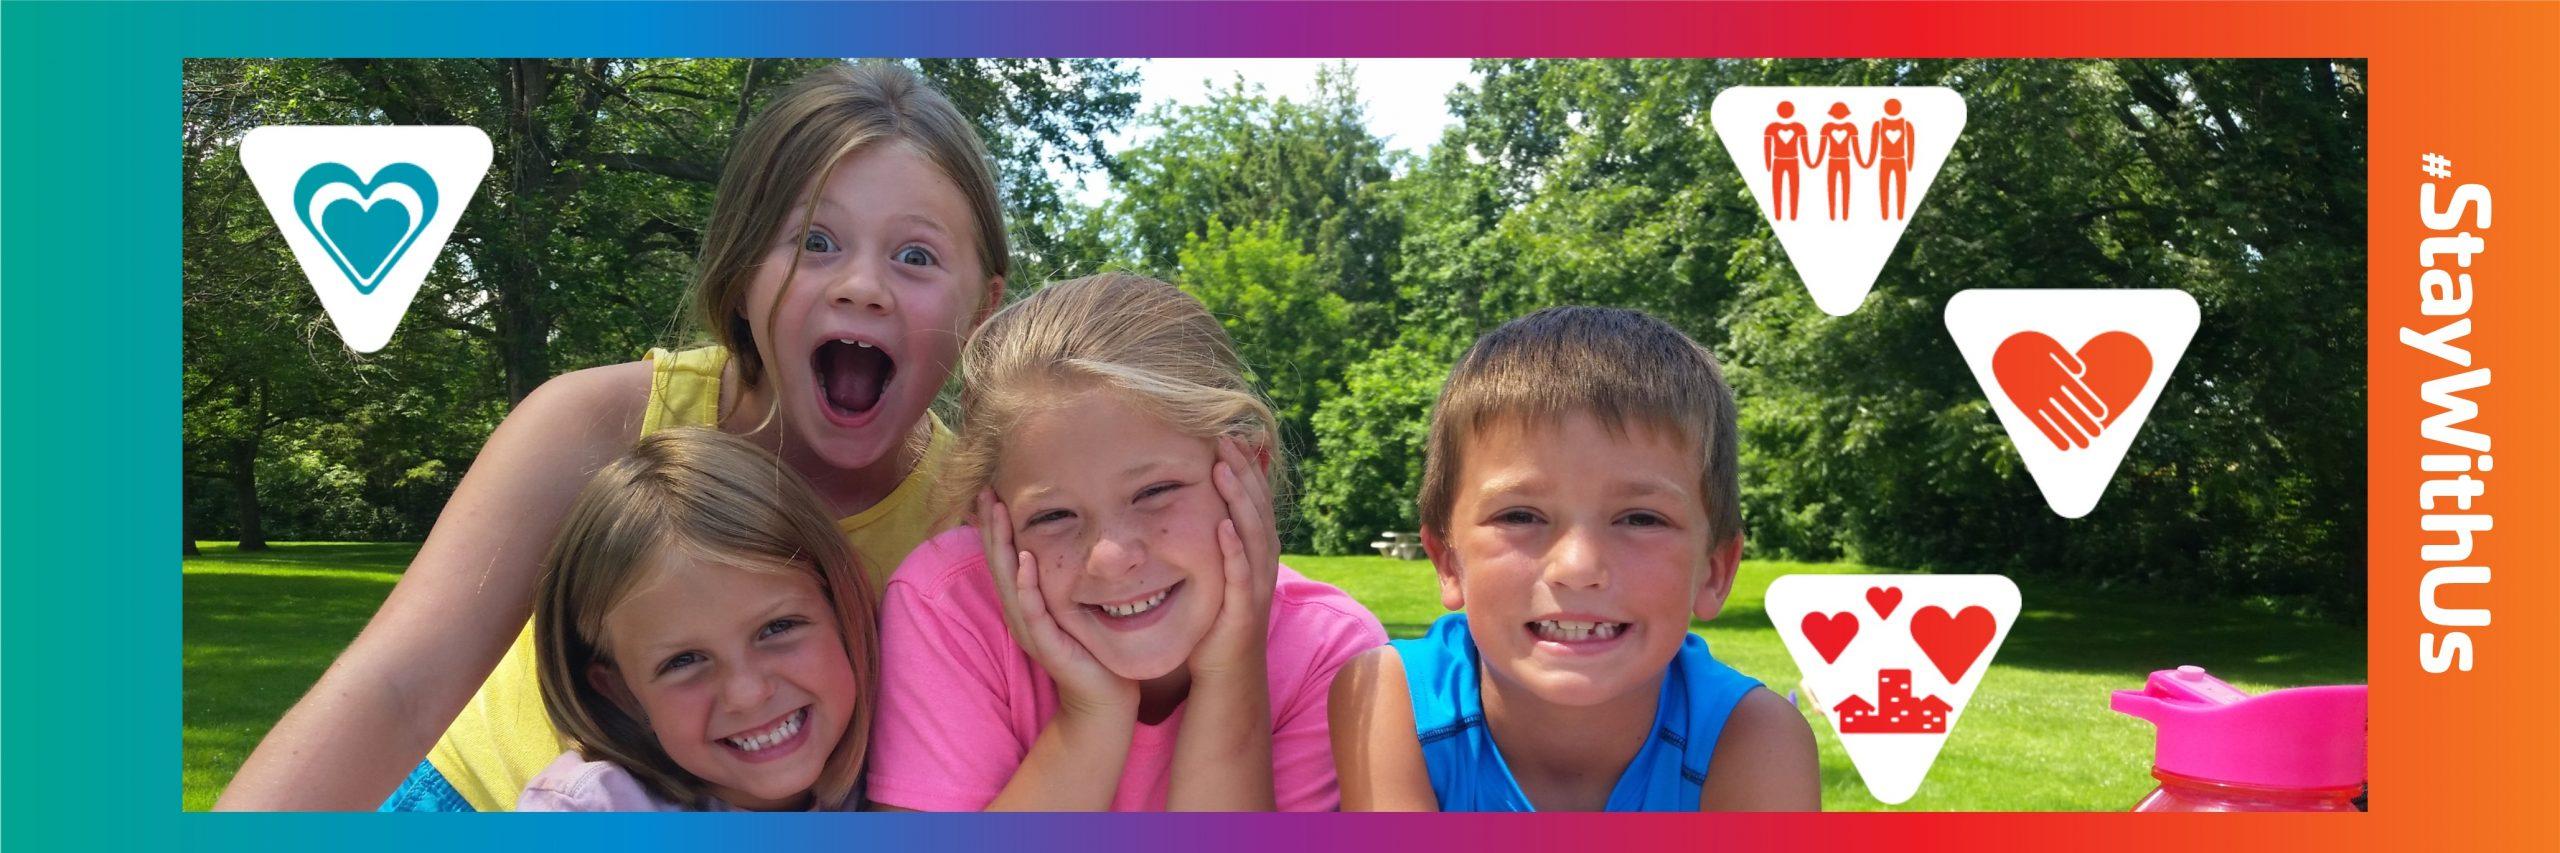 children outside smiling